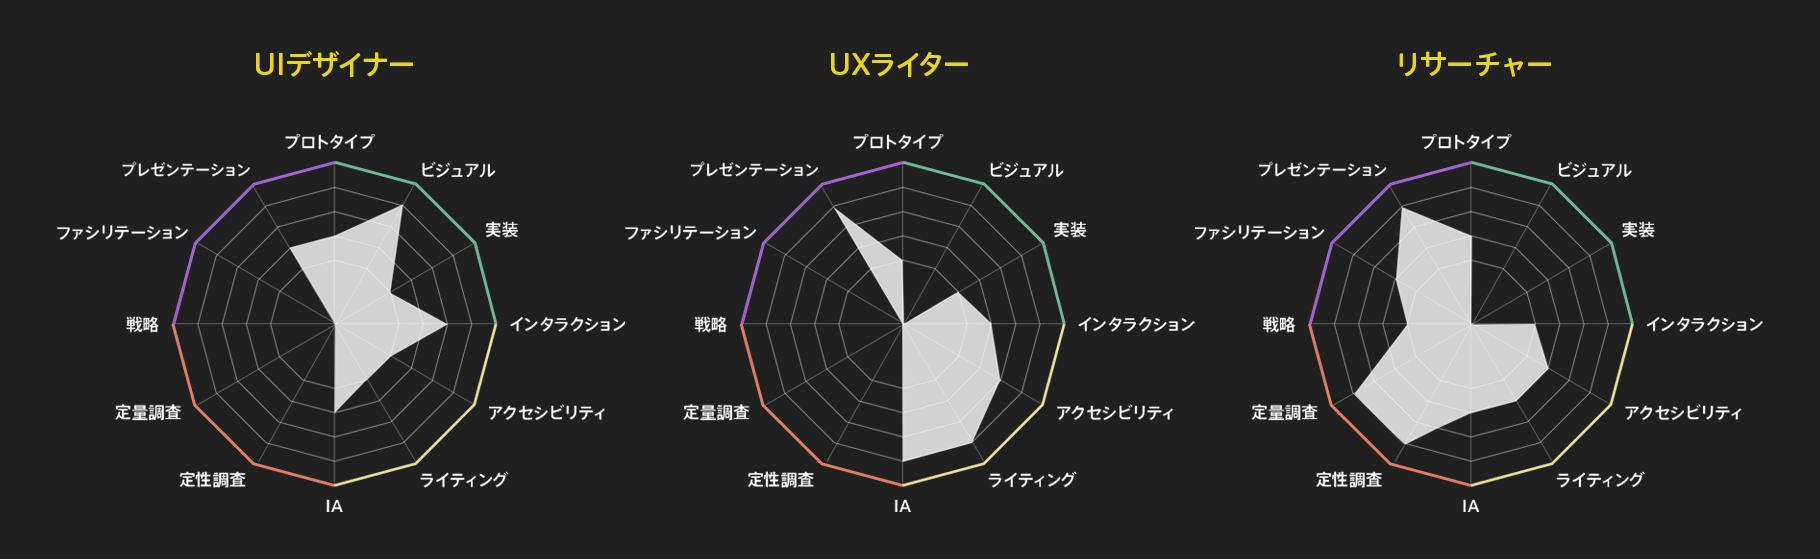 目指すデザイナーの姿によってスキルマップの形も変わります